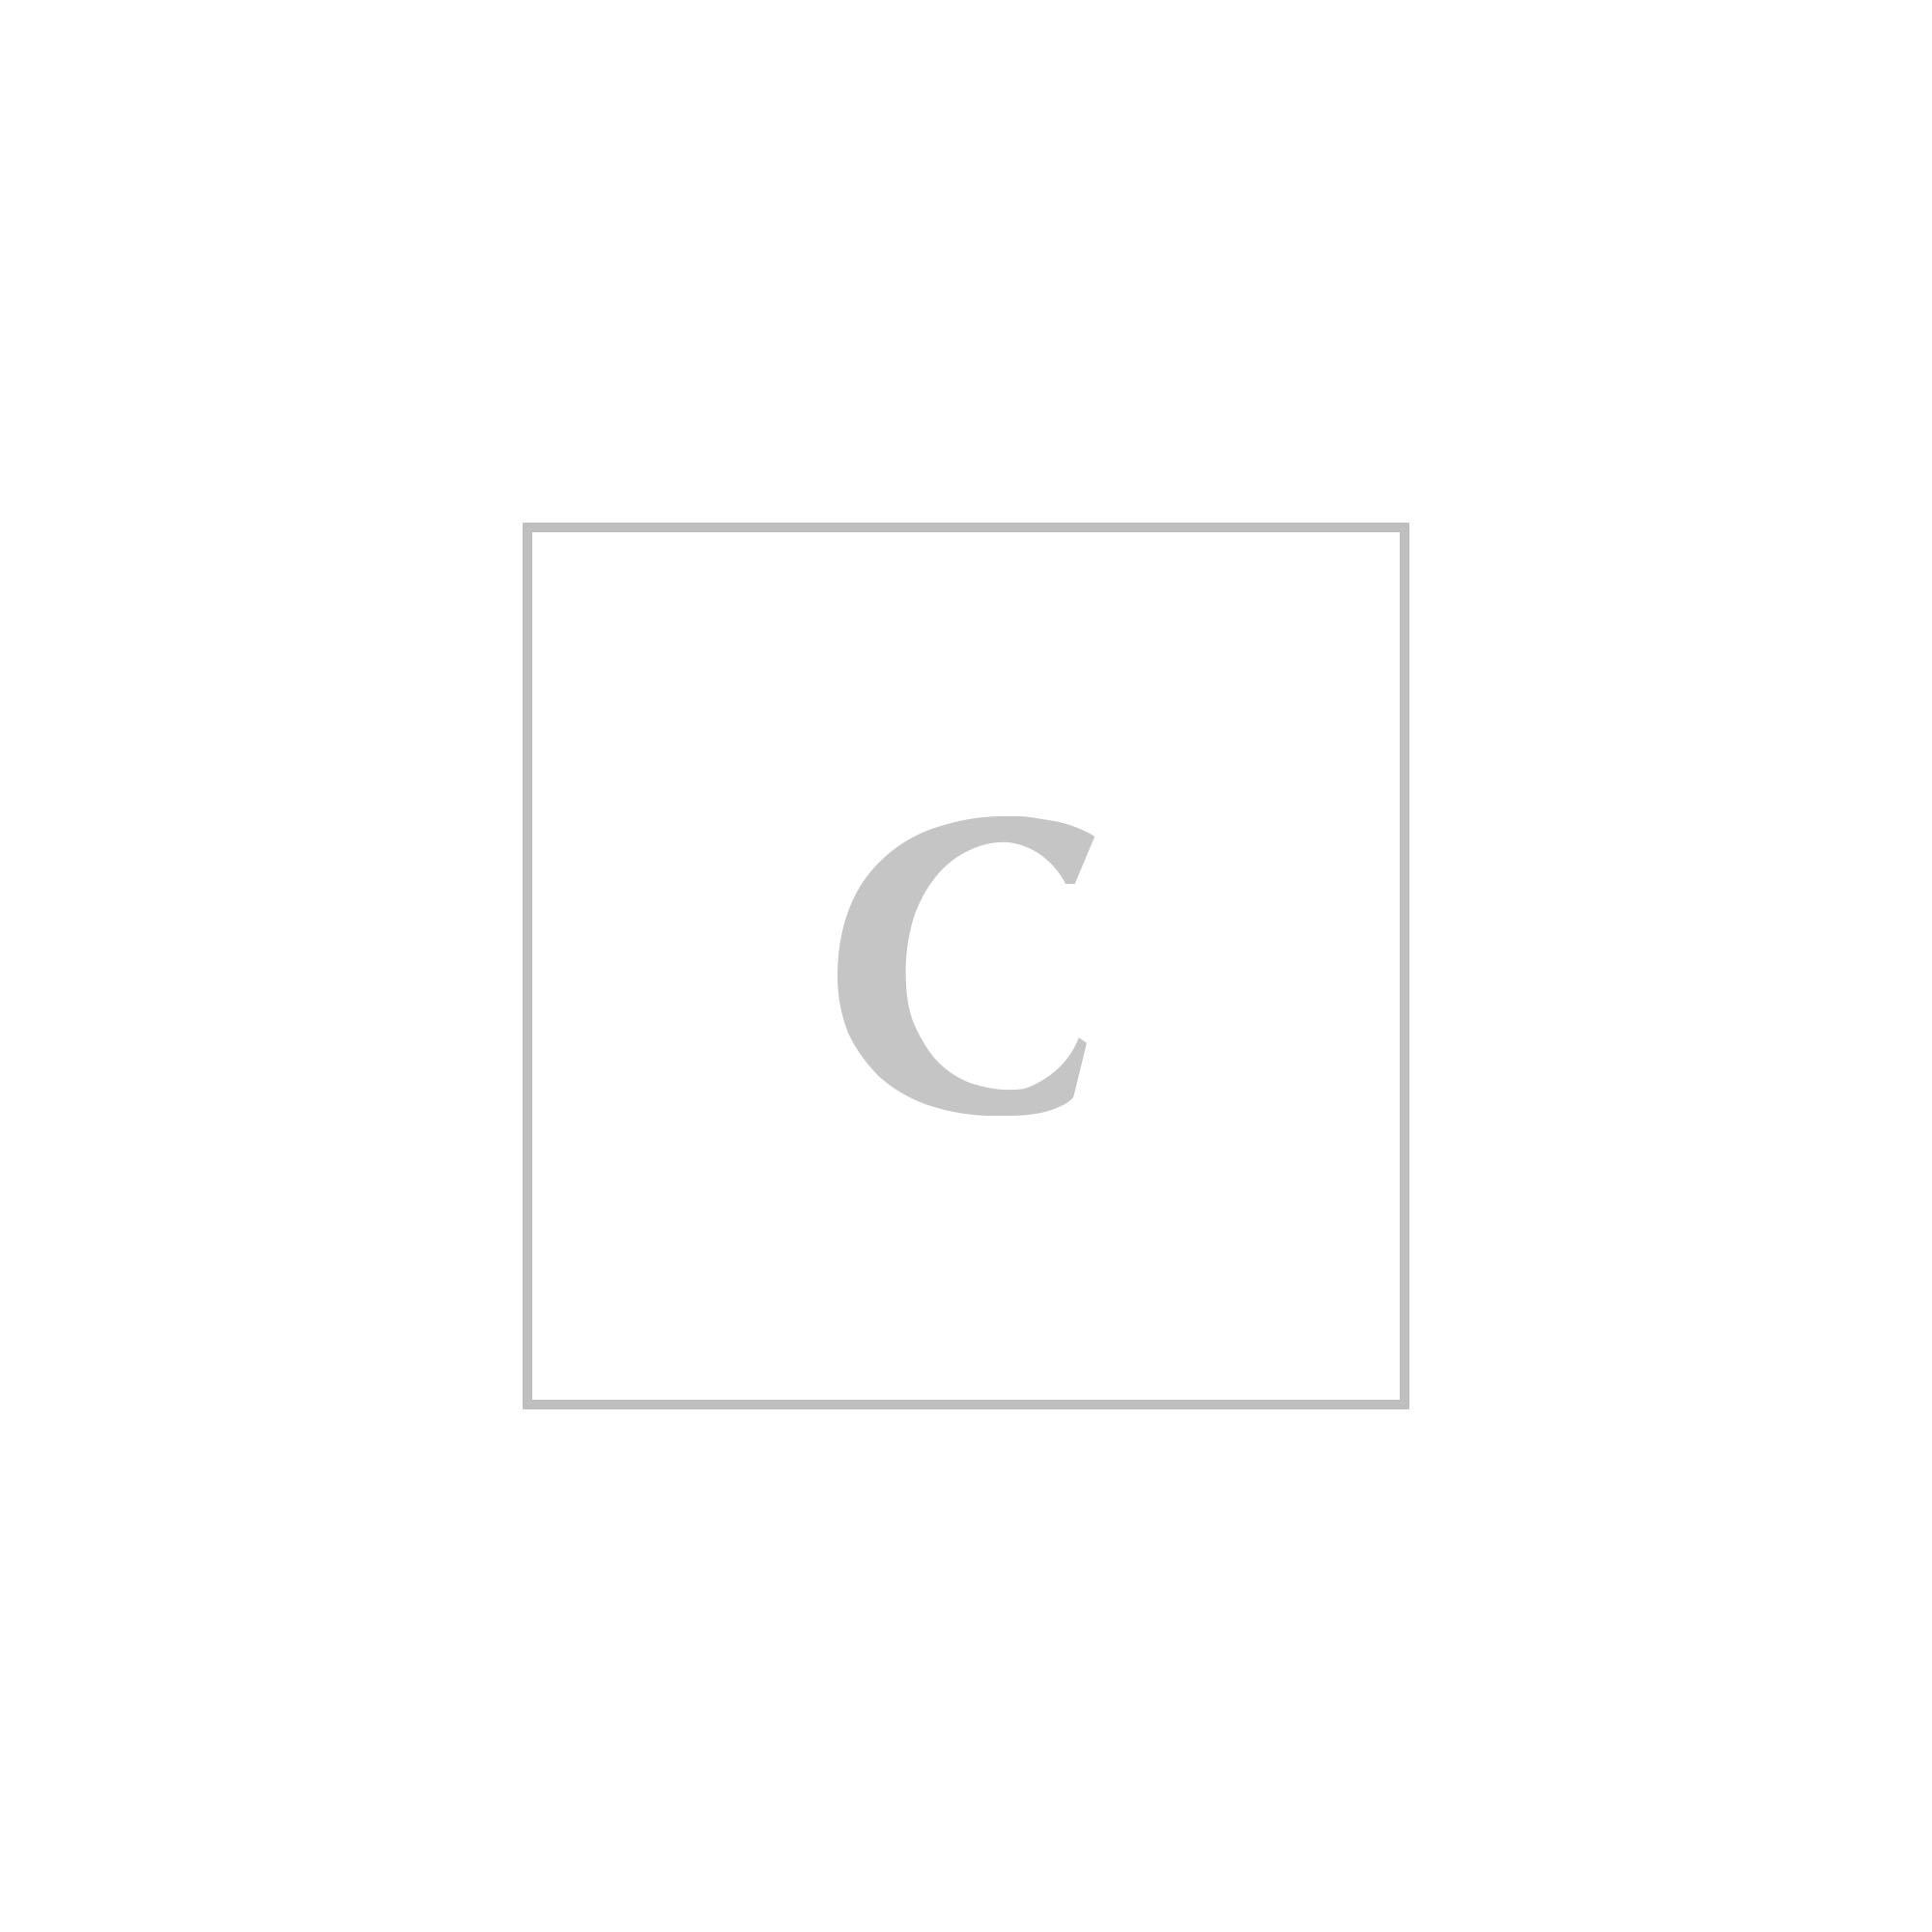 Salvatore ferragamo p.foglio 227121 193 tissu soft squadrato